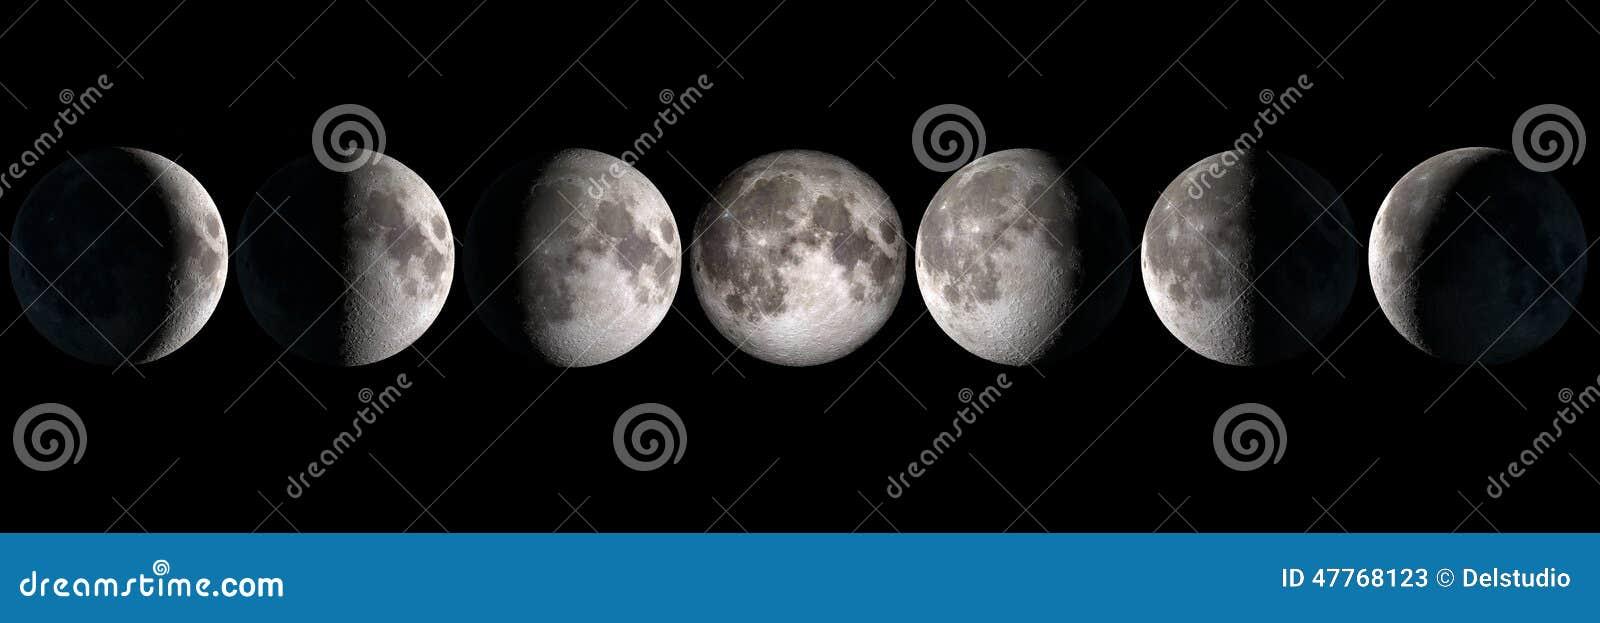 La luna organiza el collage